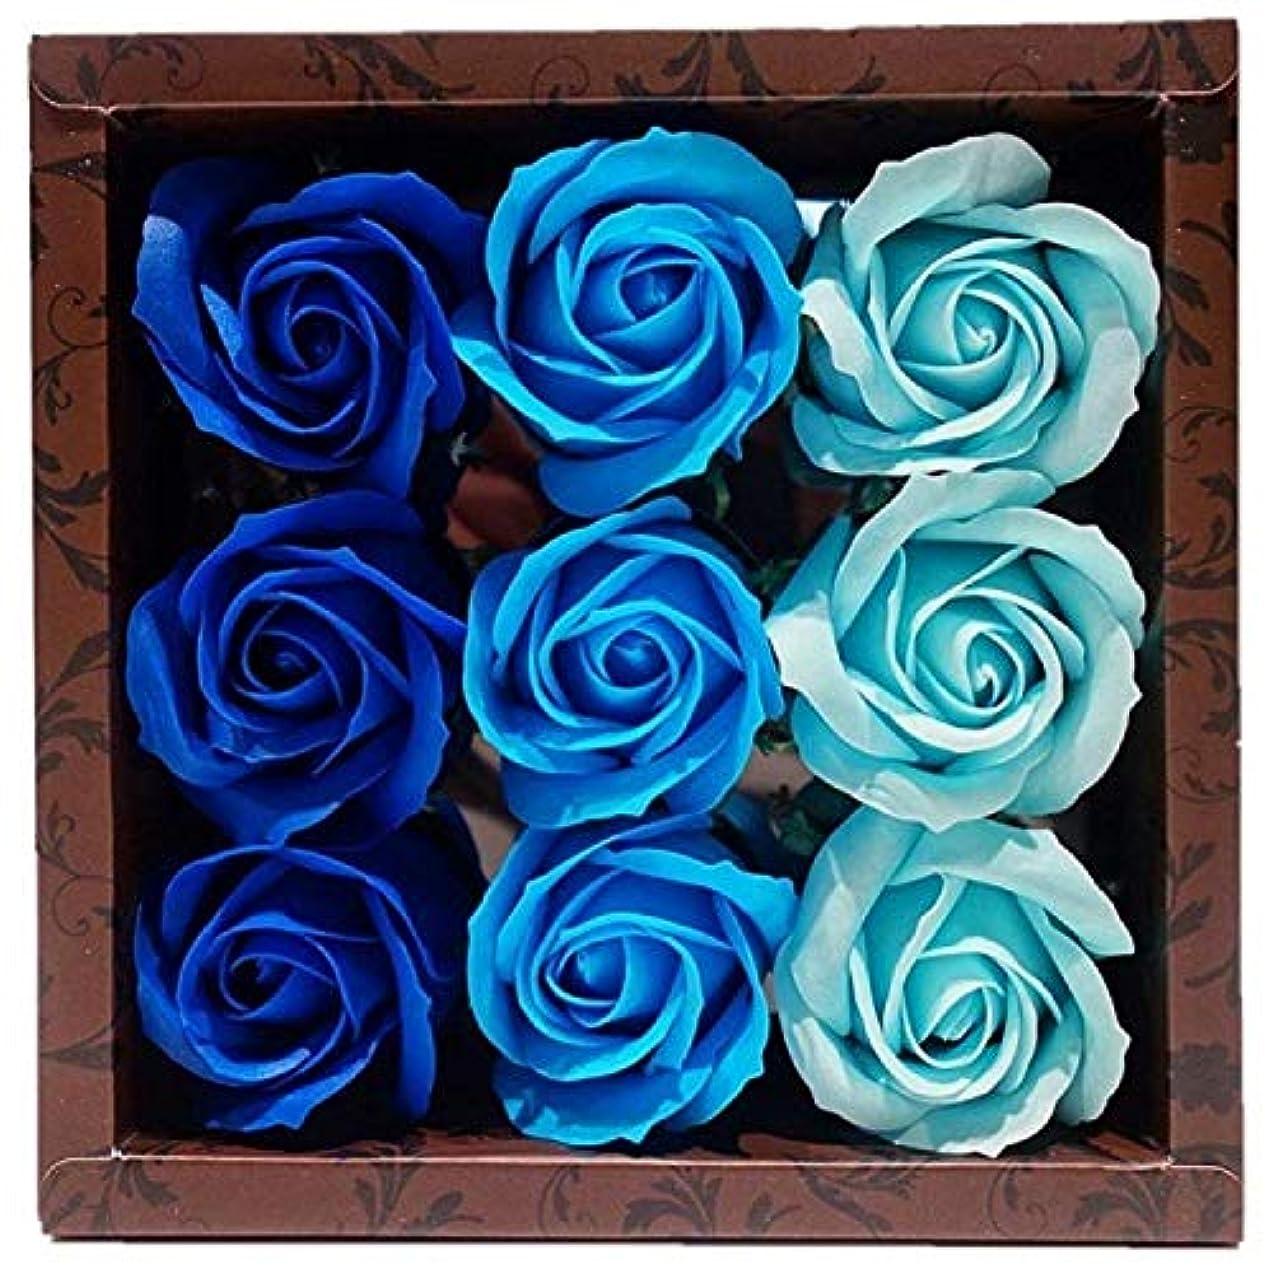 無実誰か精査バスフレグランス バスフラワー ローズフレグランス ブルーカラー ギフト お花の形の入浴剤 ばら